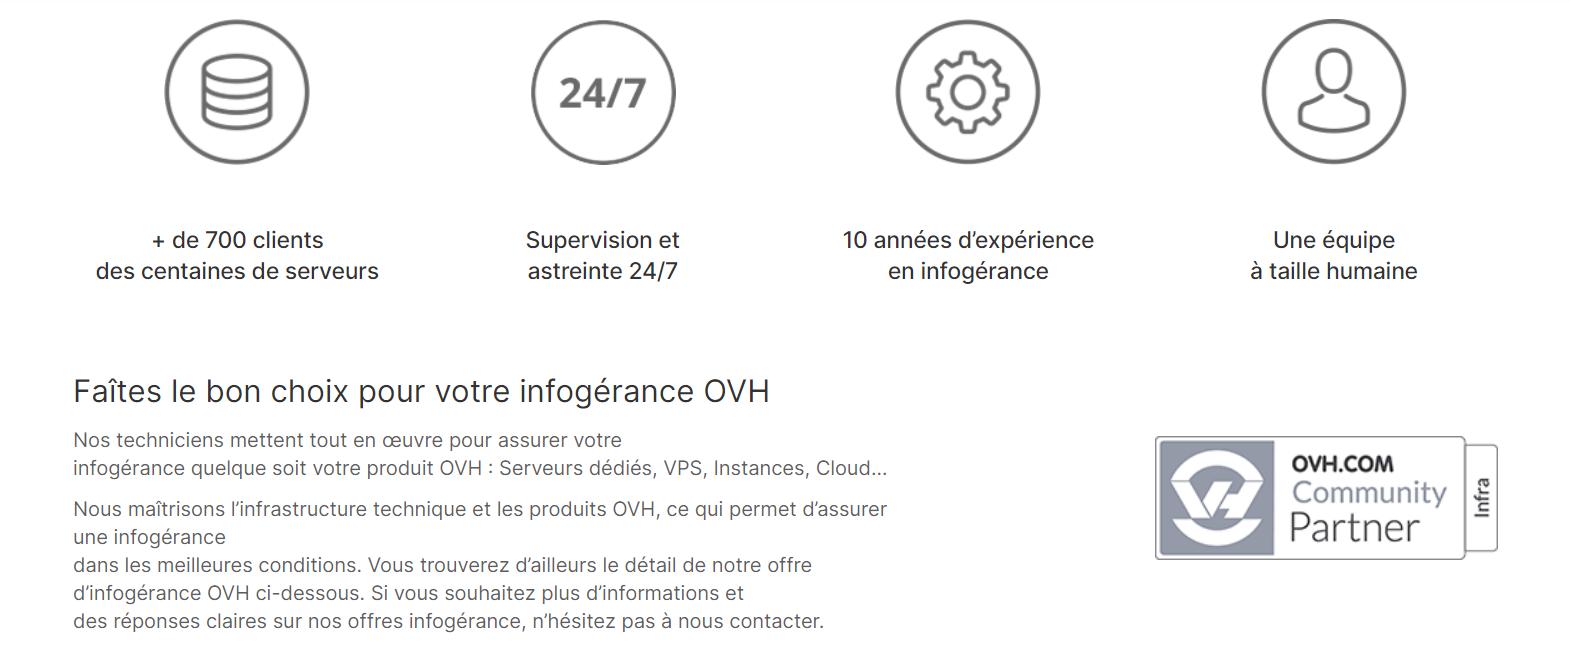 infogérance OVH